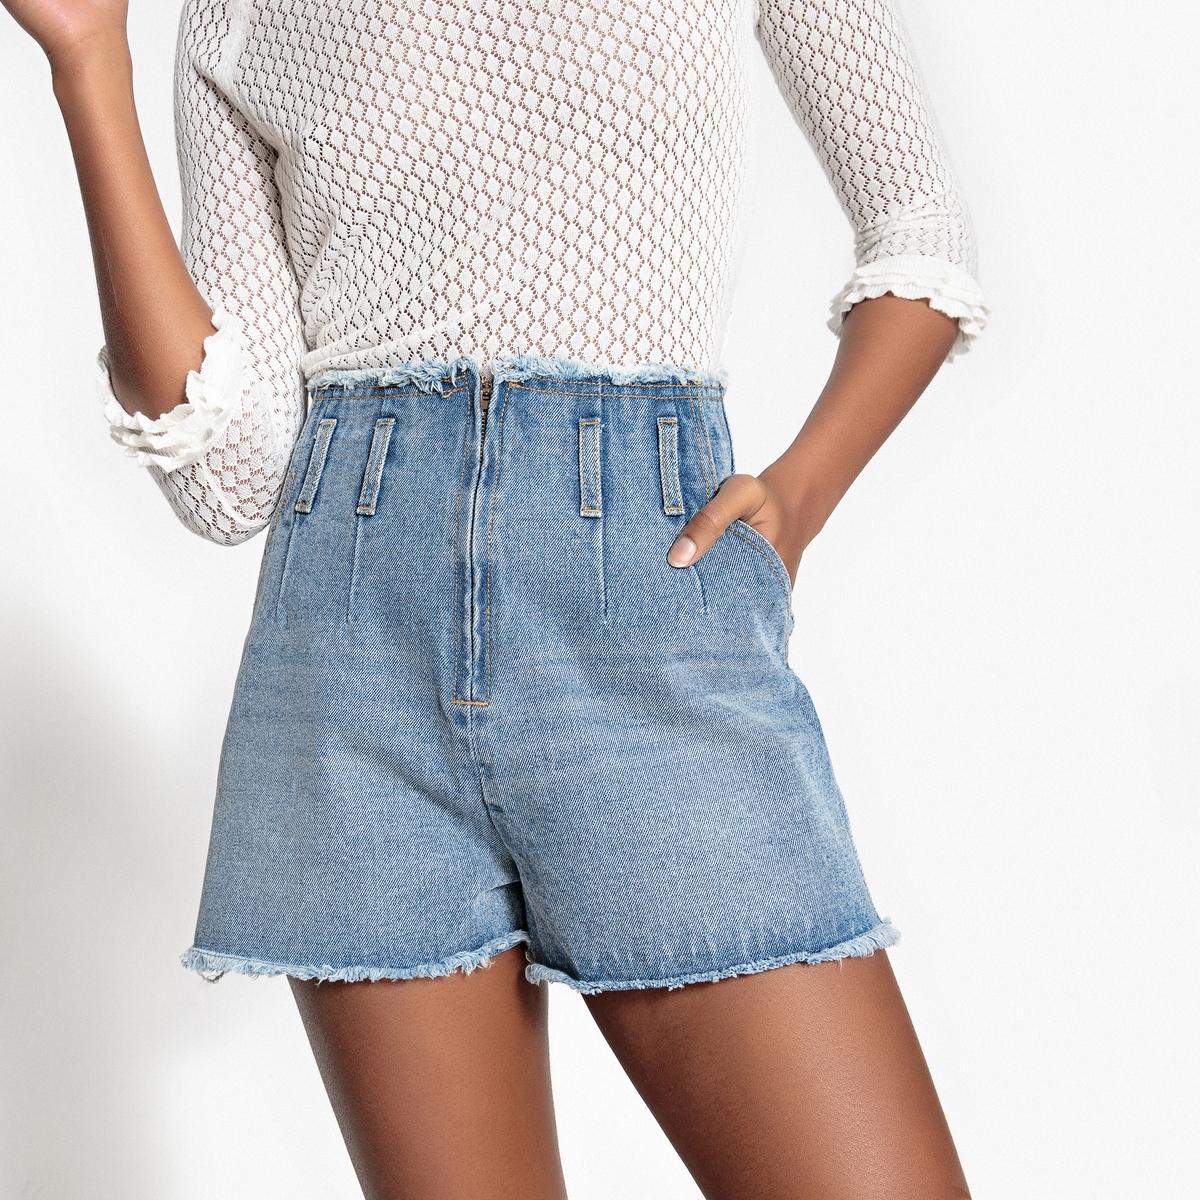 Шорты из джинсовой ткани с необработанными краями